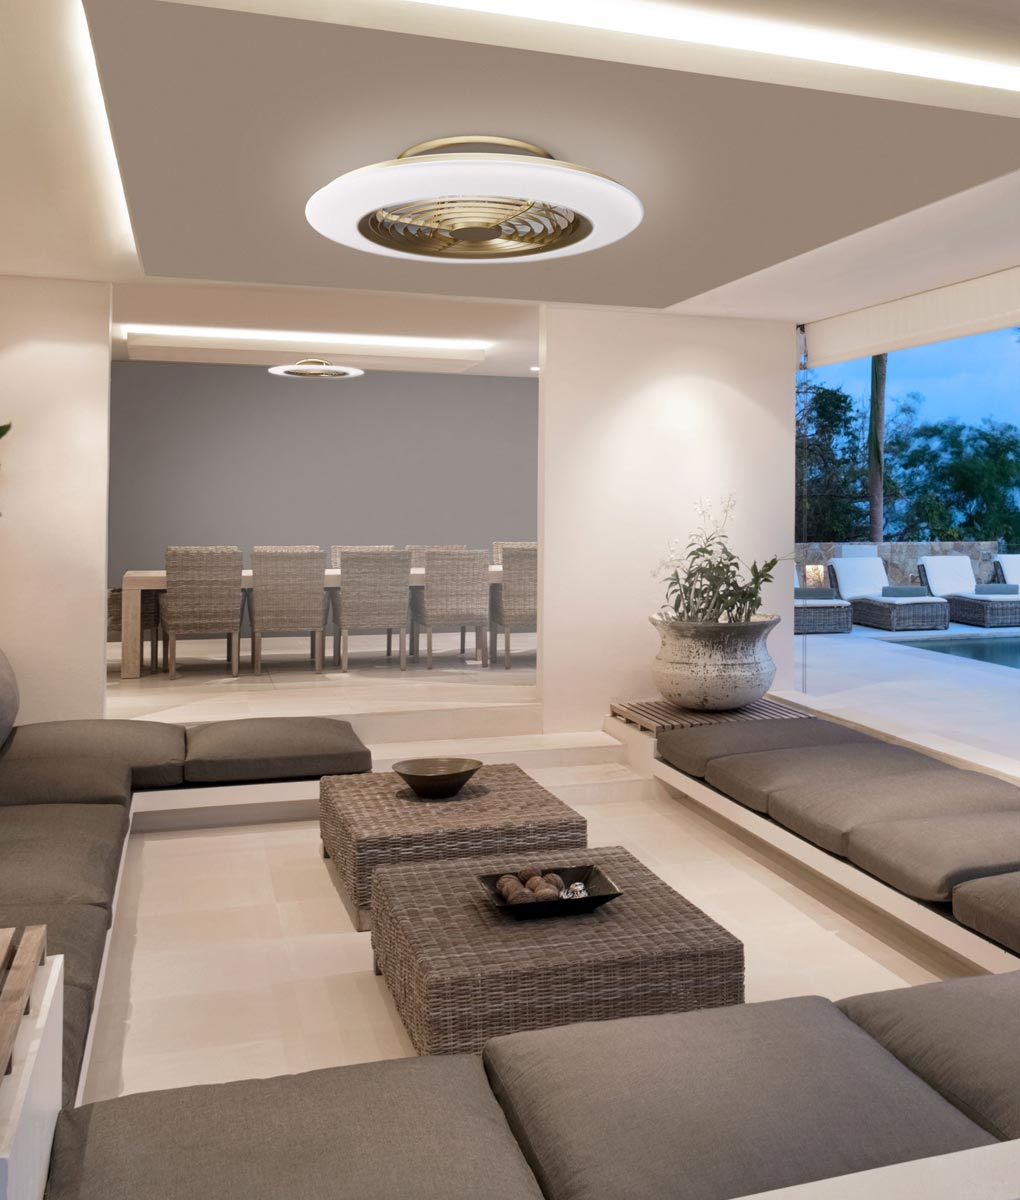 Ventilador Alisio Mantra de techo ·【¡Por 211,65€!】